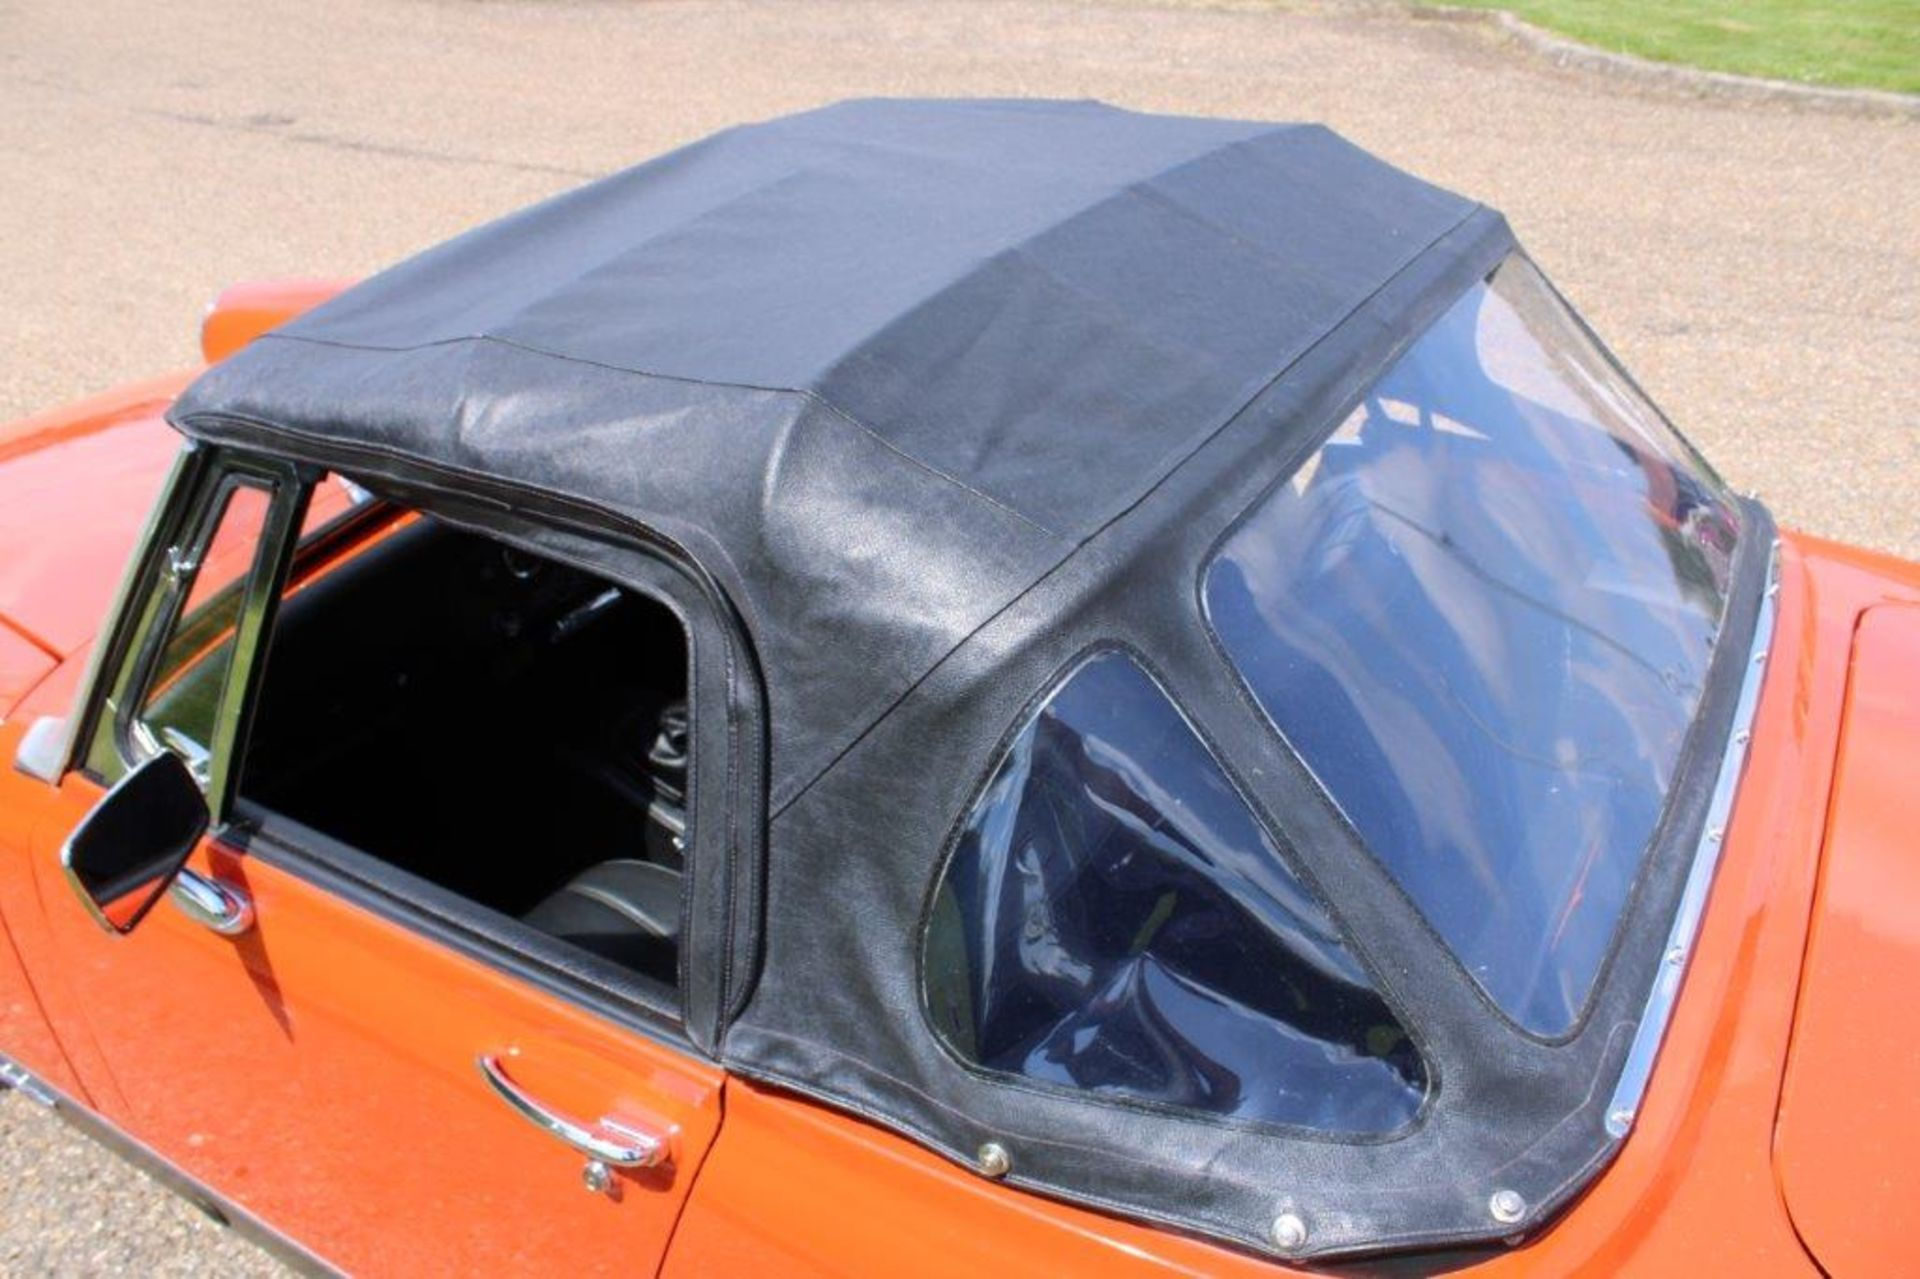 1974 MG Midget MK III - Image 28 of 30